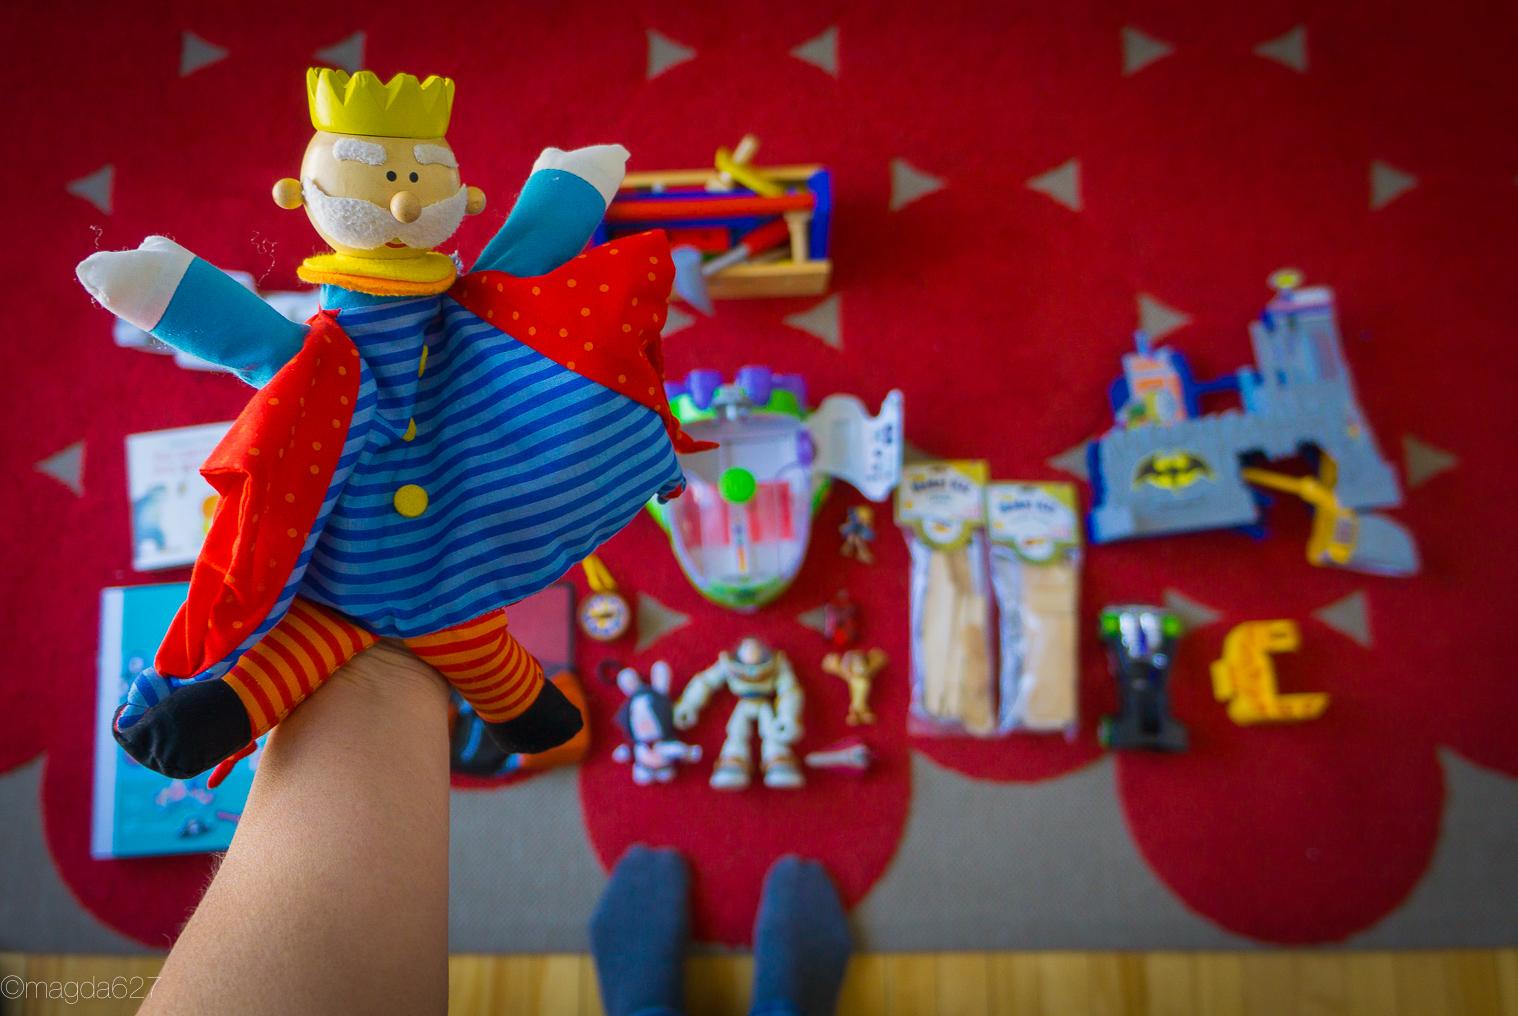 anteketborka.com, decluttering toys-4